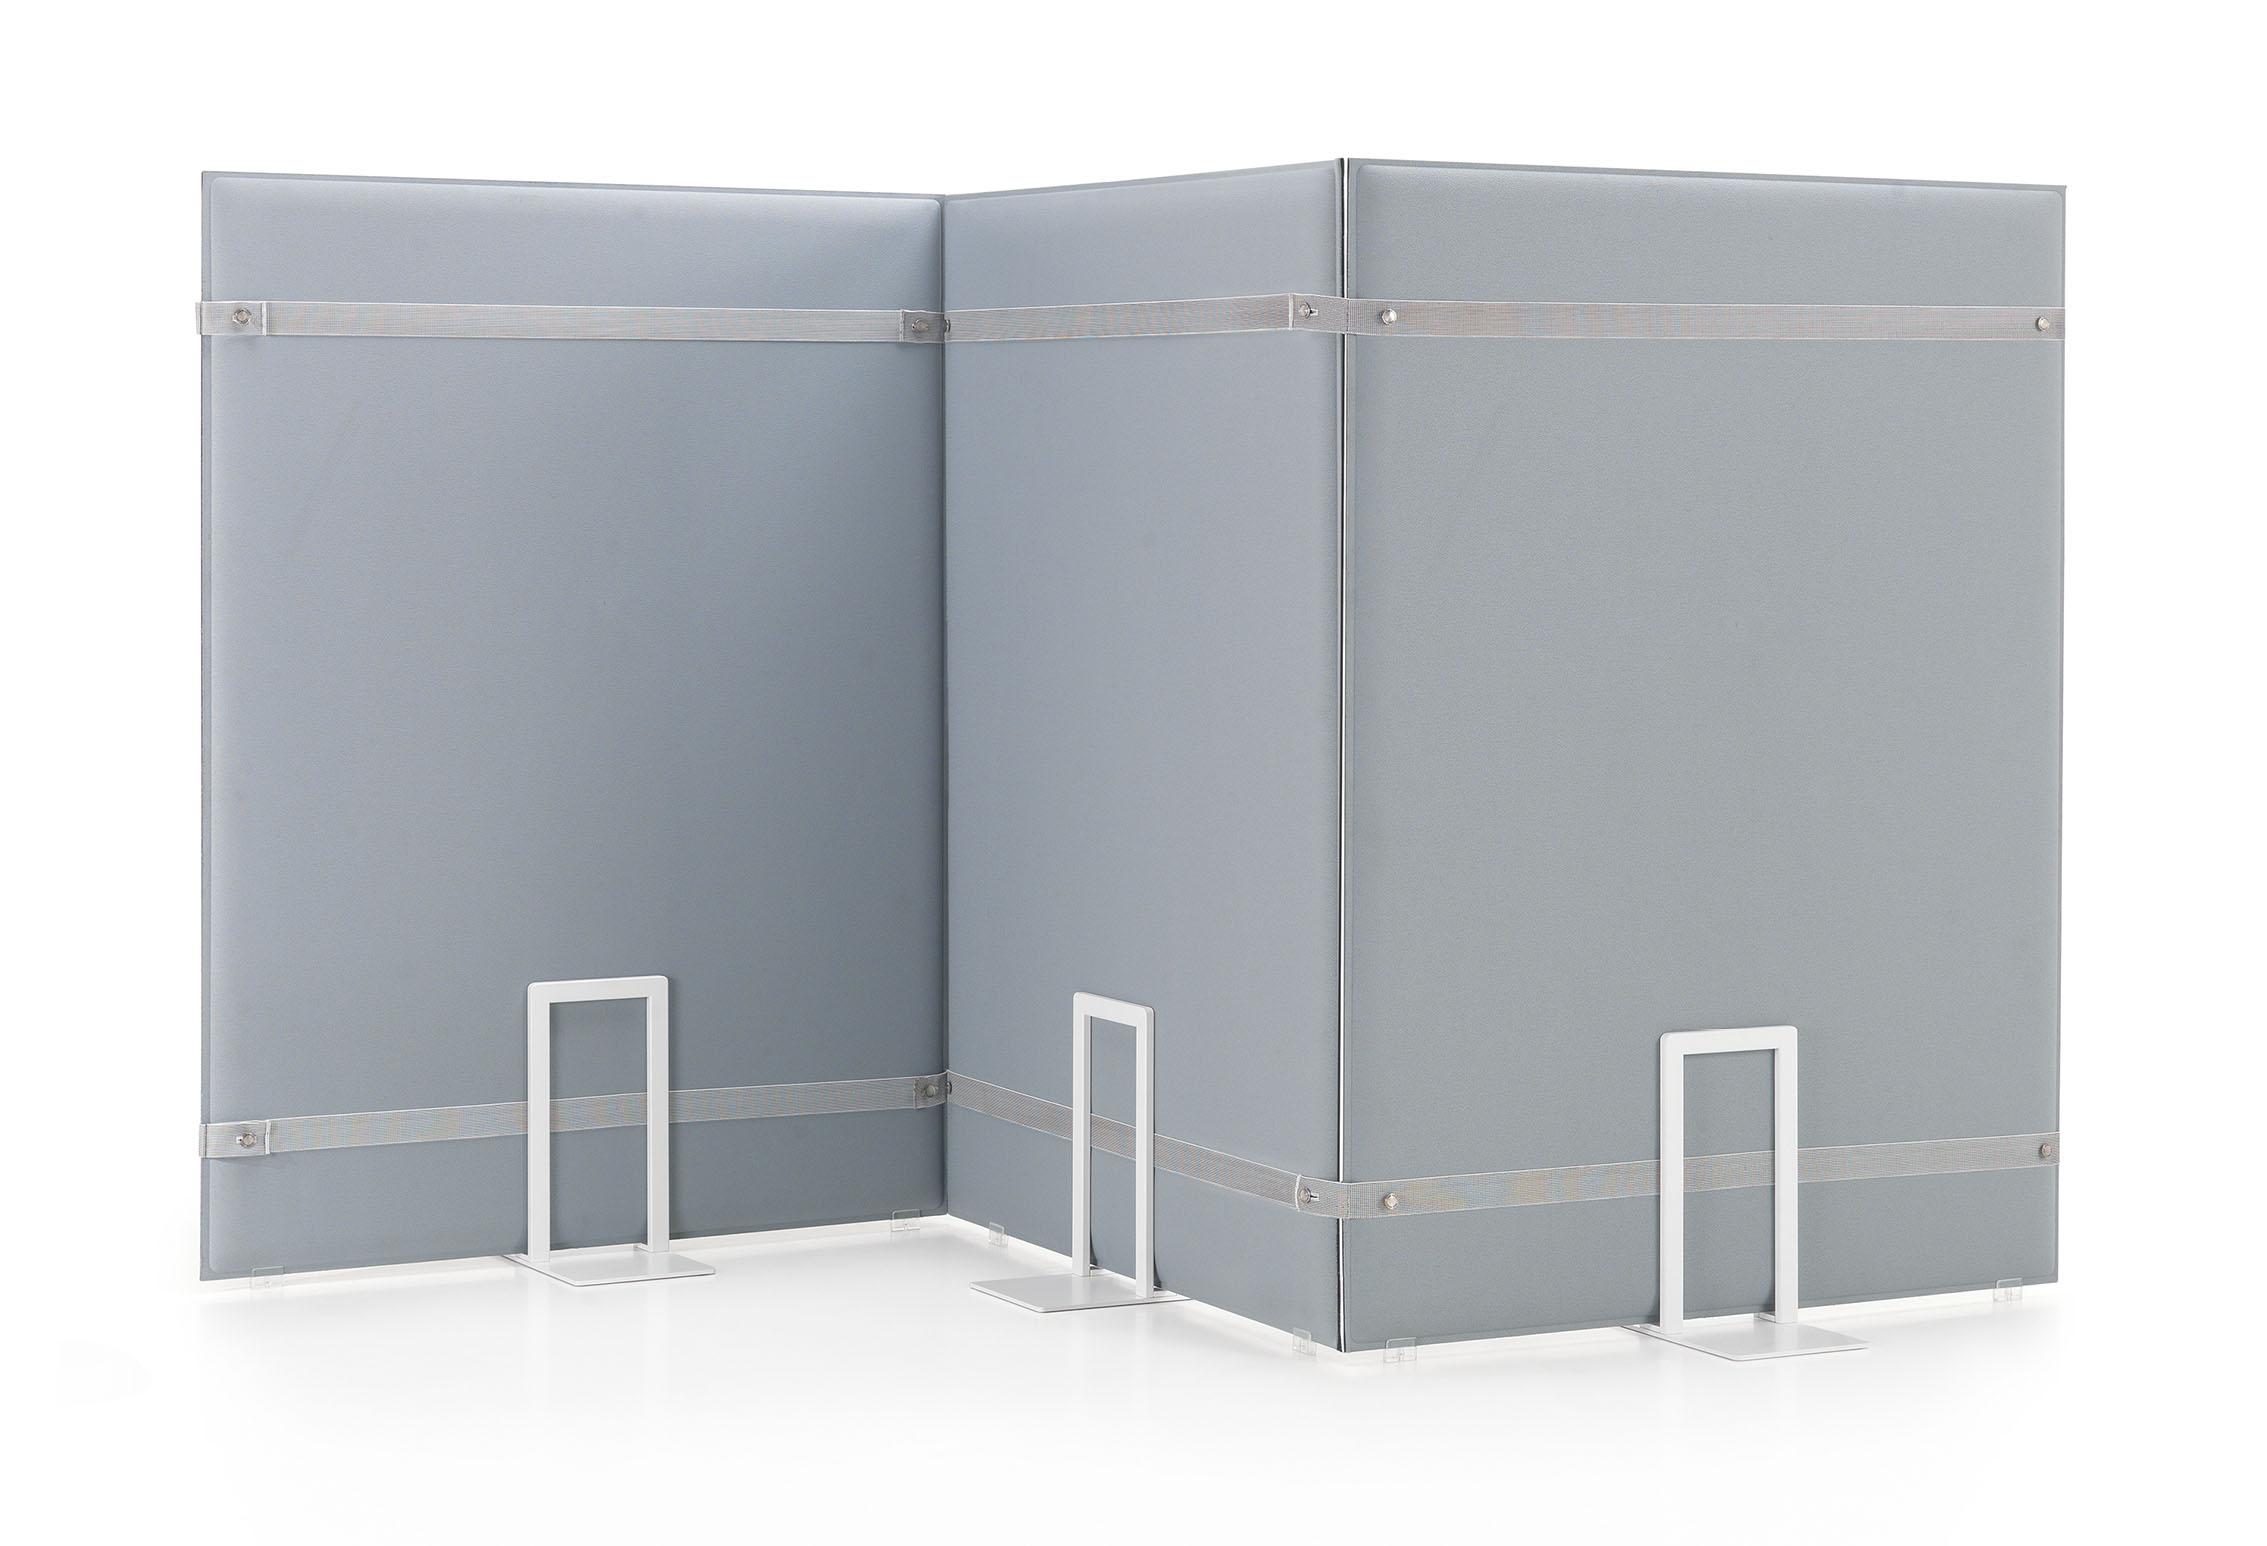 CAIMI Caimi Pli Oversize Floor - Gamme de panneaux acoustiques à poser type paravent